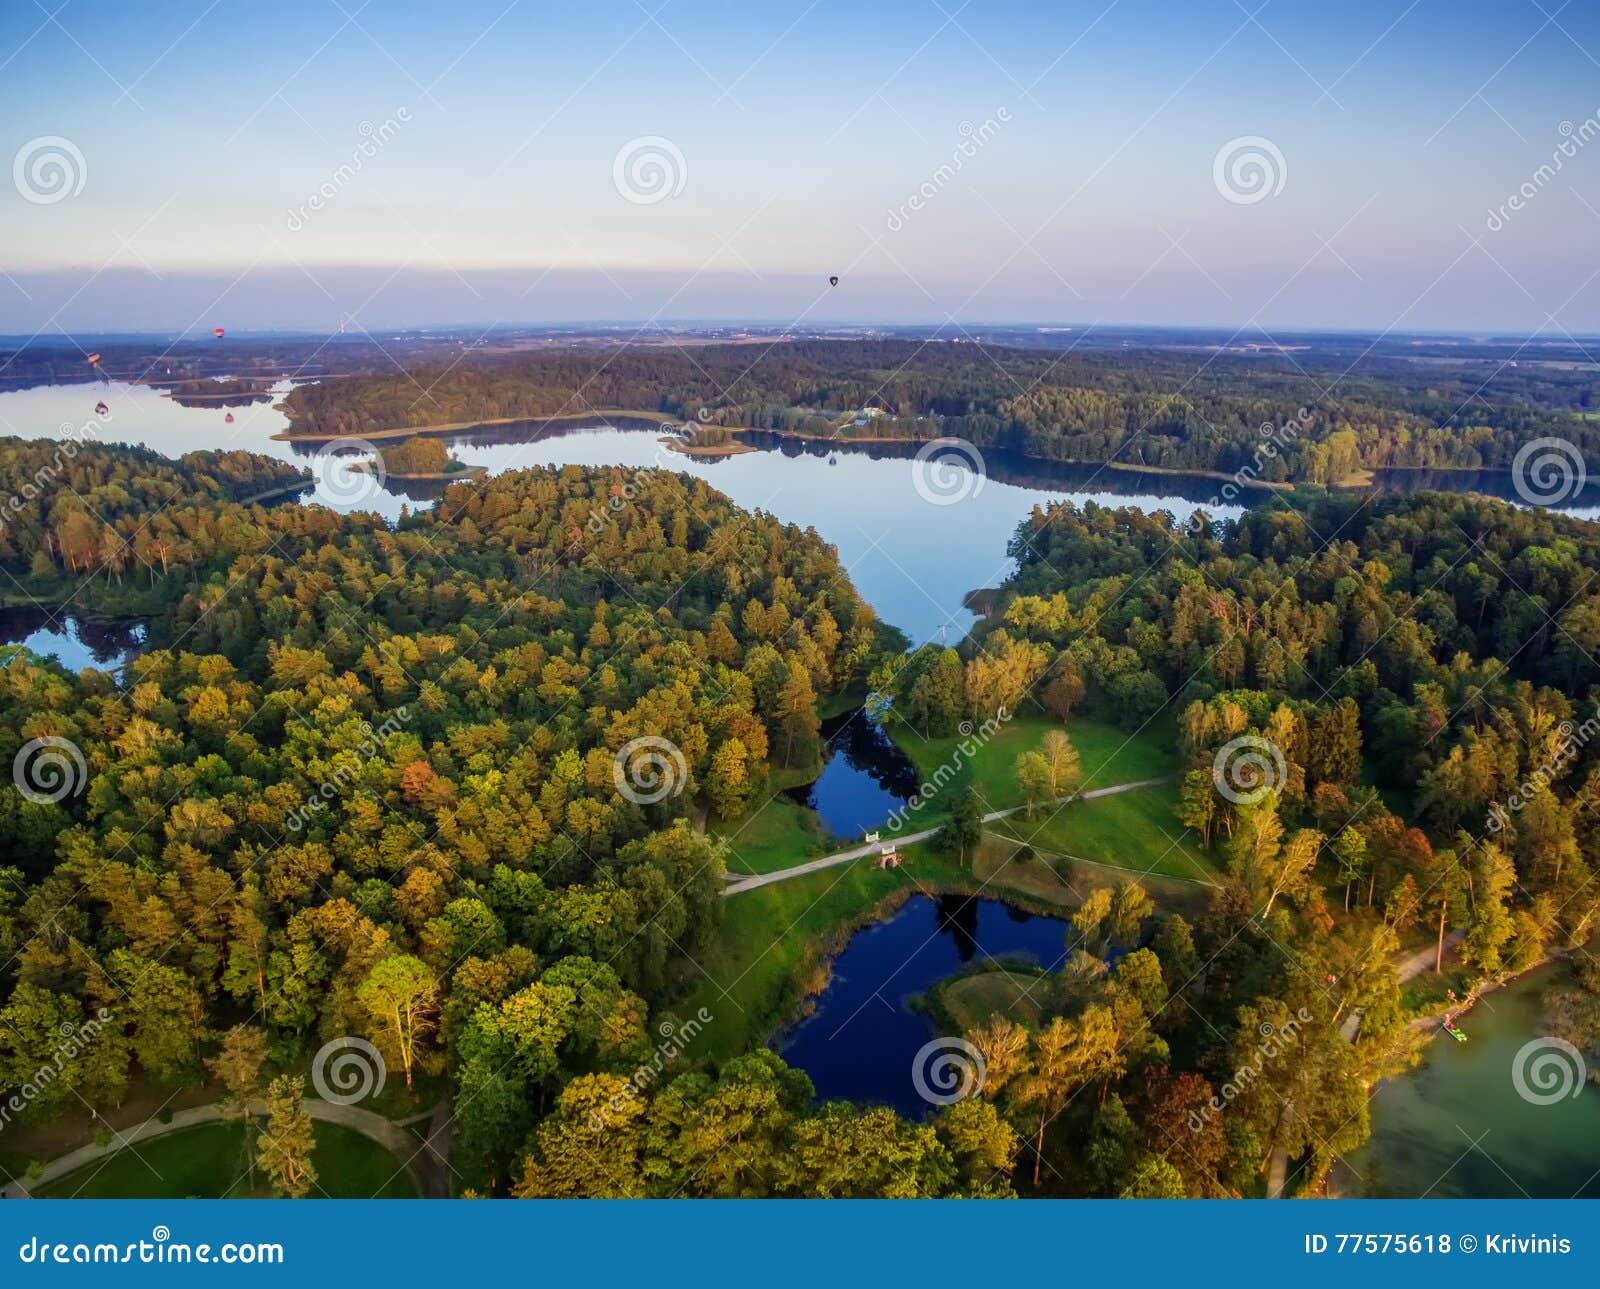 Top view of lakes next to Trakai and Vilnius, Lithuania